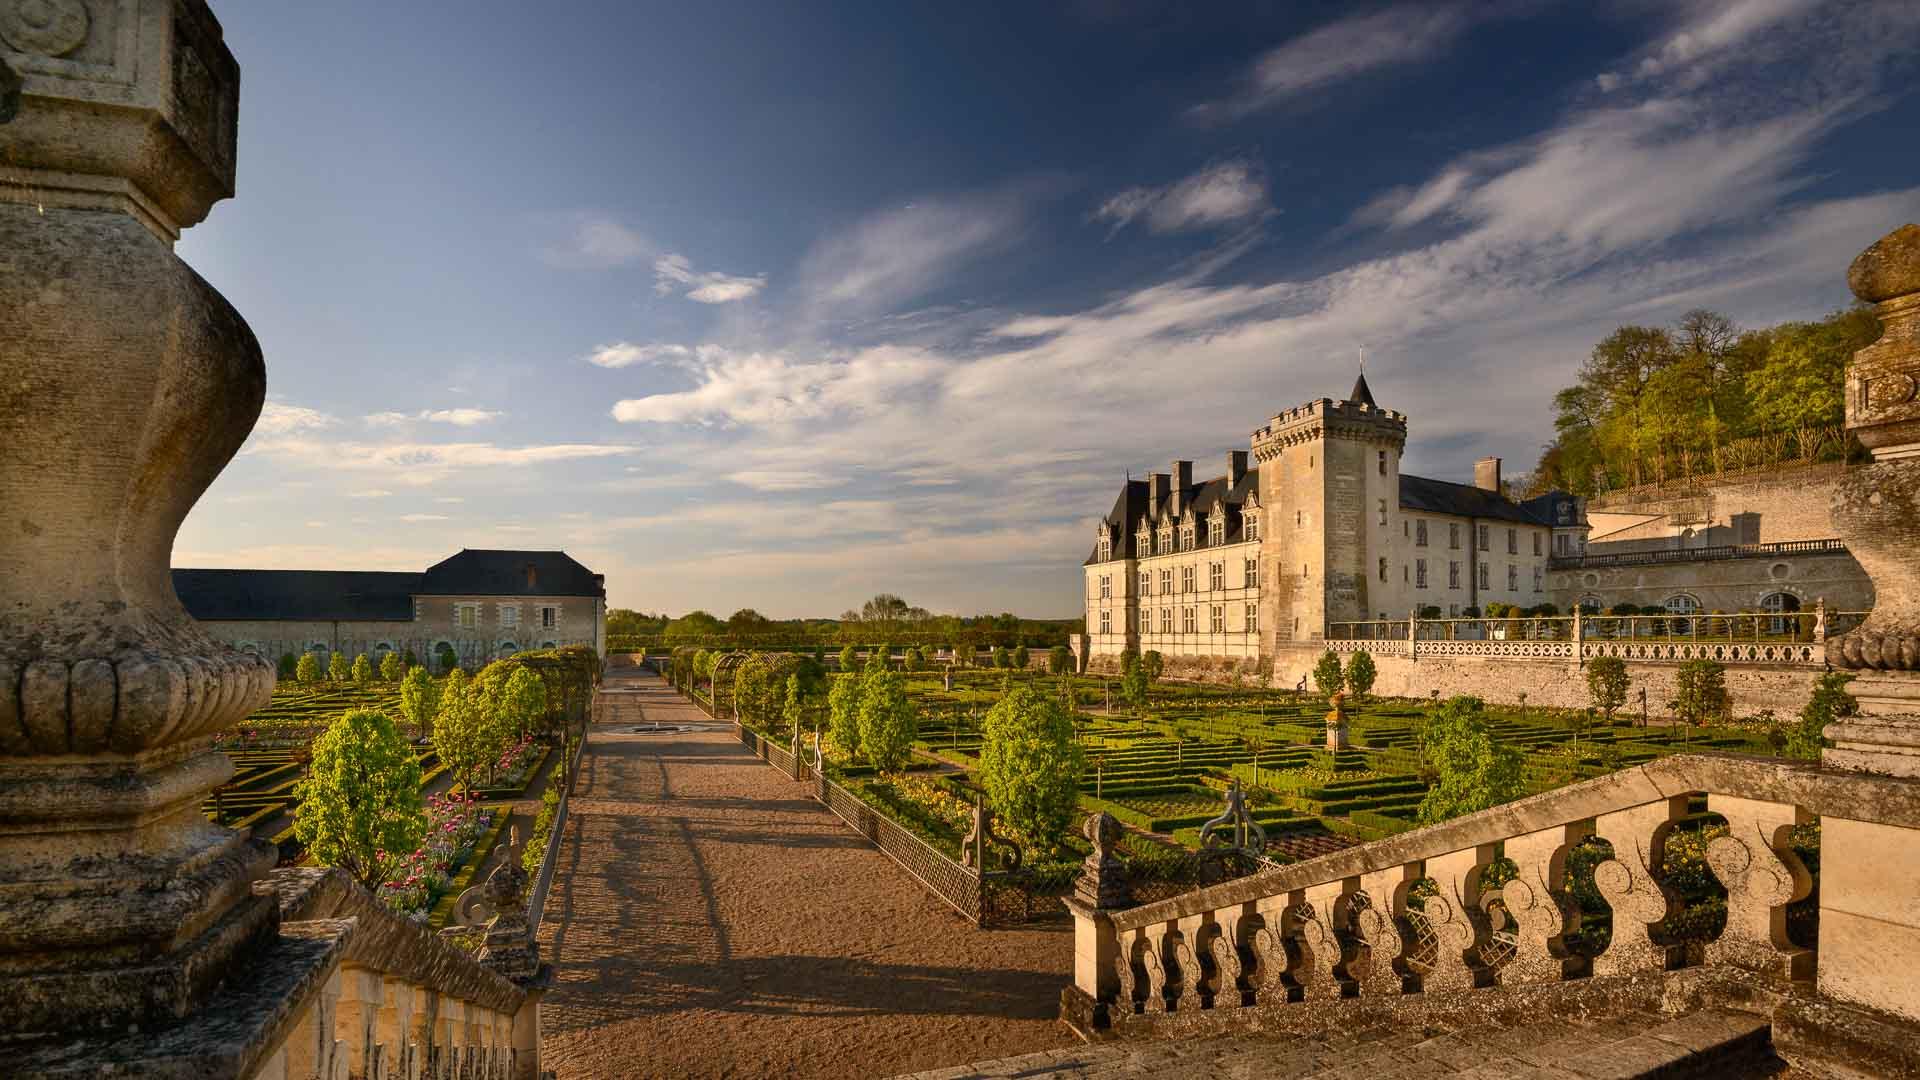 Les parcs et jardins remarquables - La Touraine, le jardin de la France